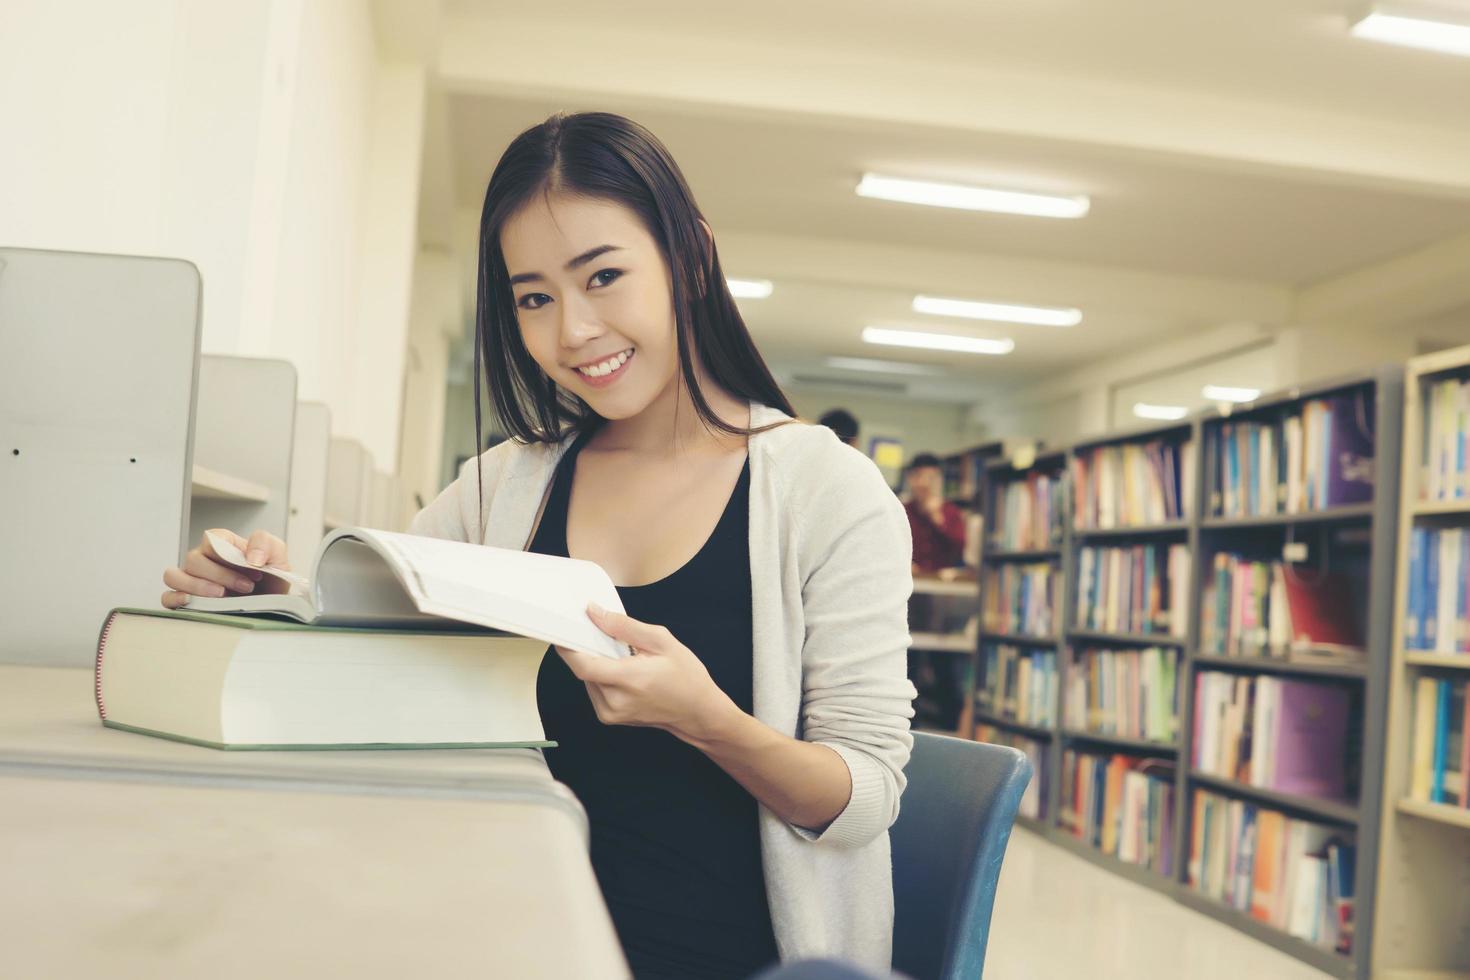 jovem estudante asiática na biblioteca lendo um livro foto